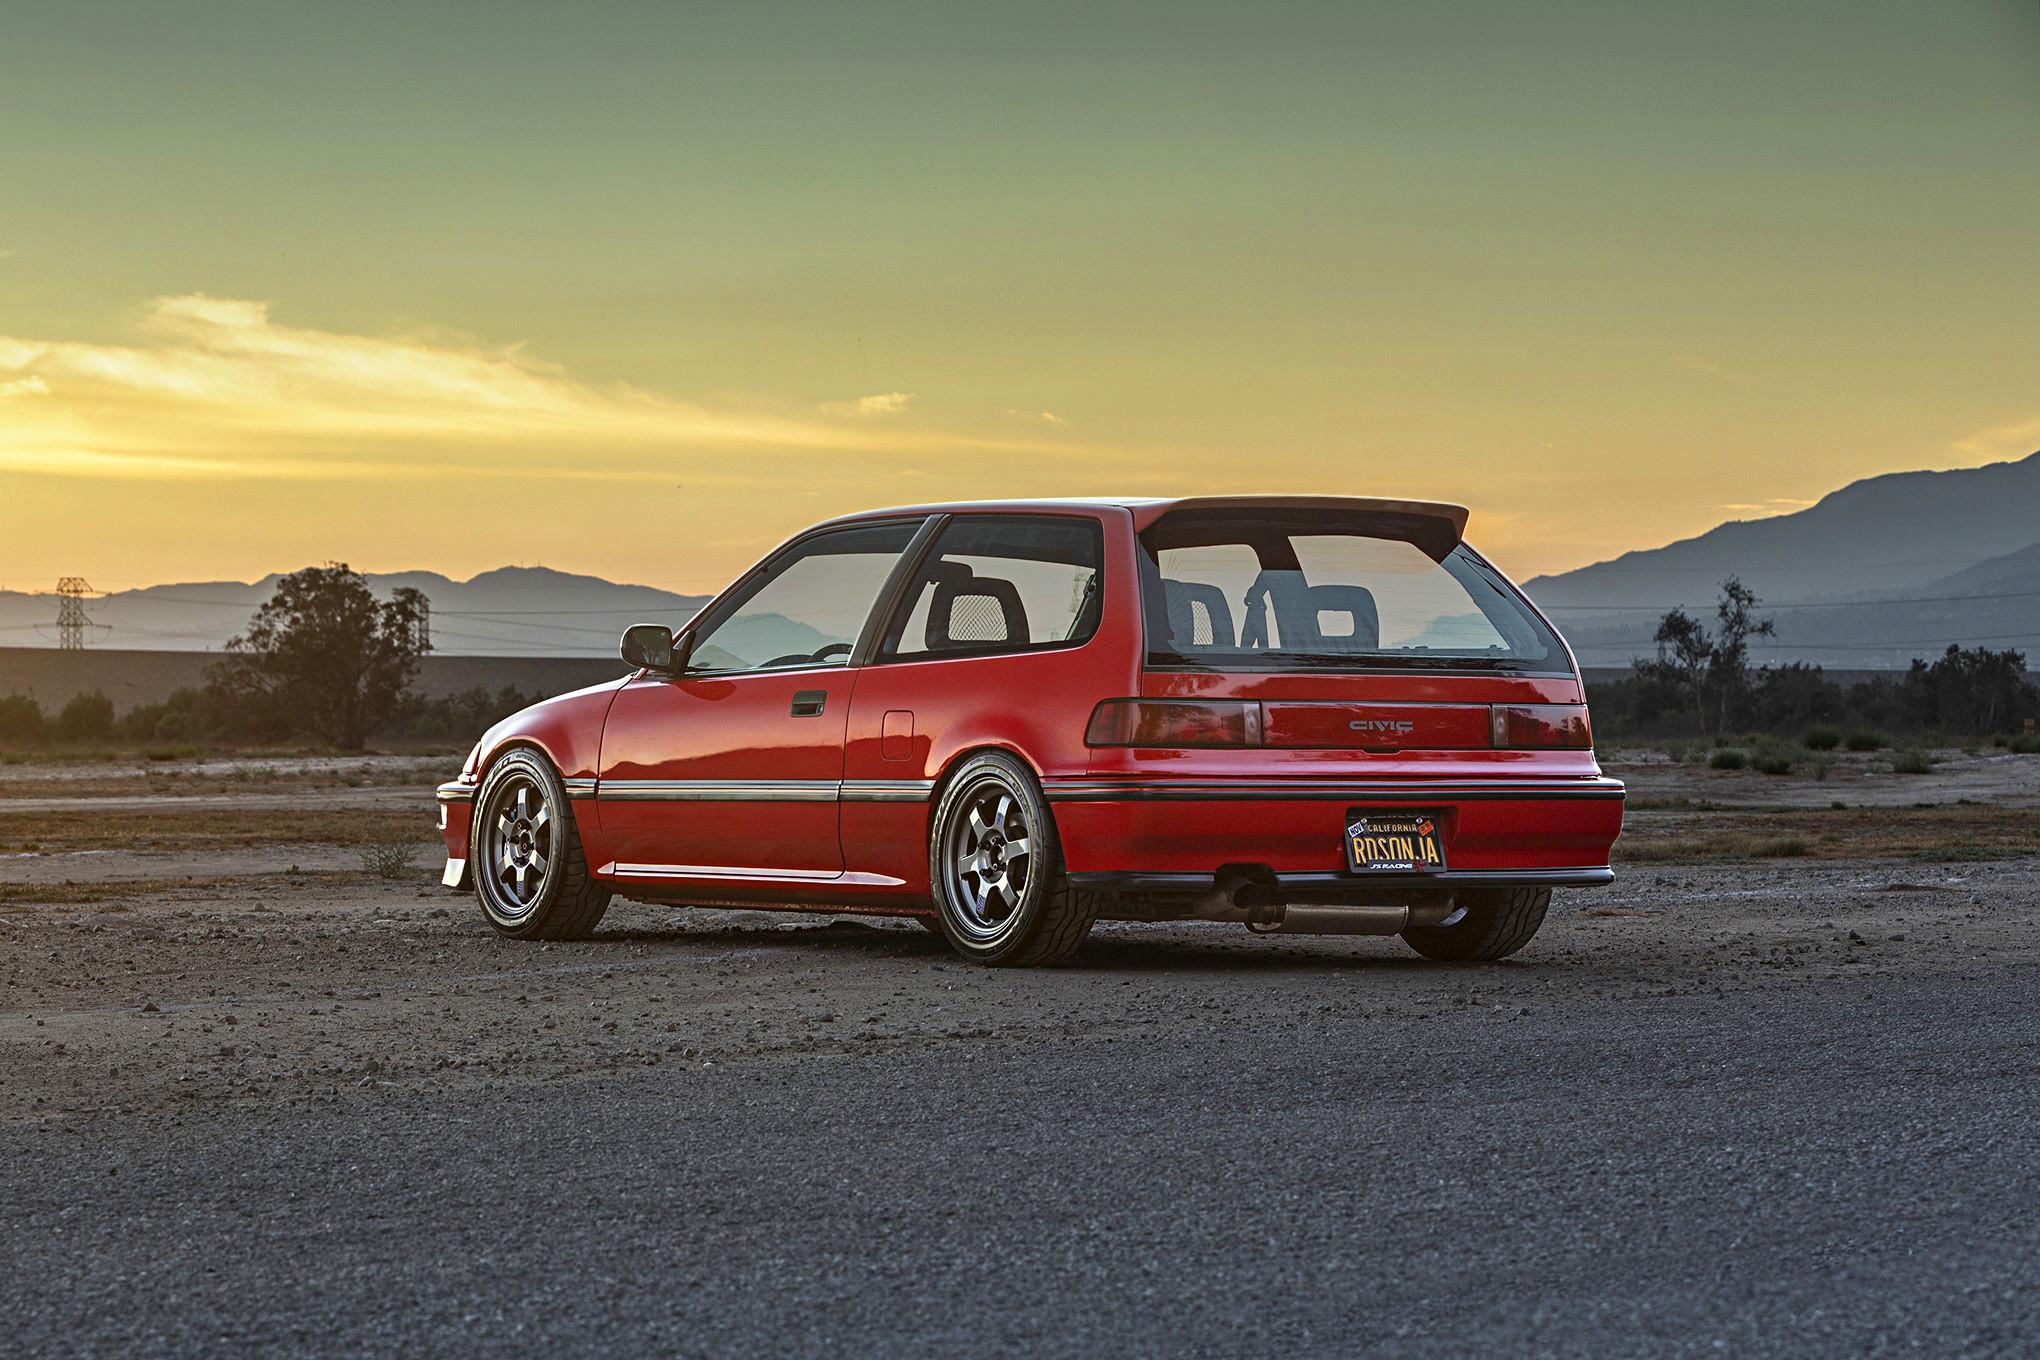 Kelebihan Kekurangan Honda Civic 1990 Harga